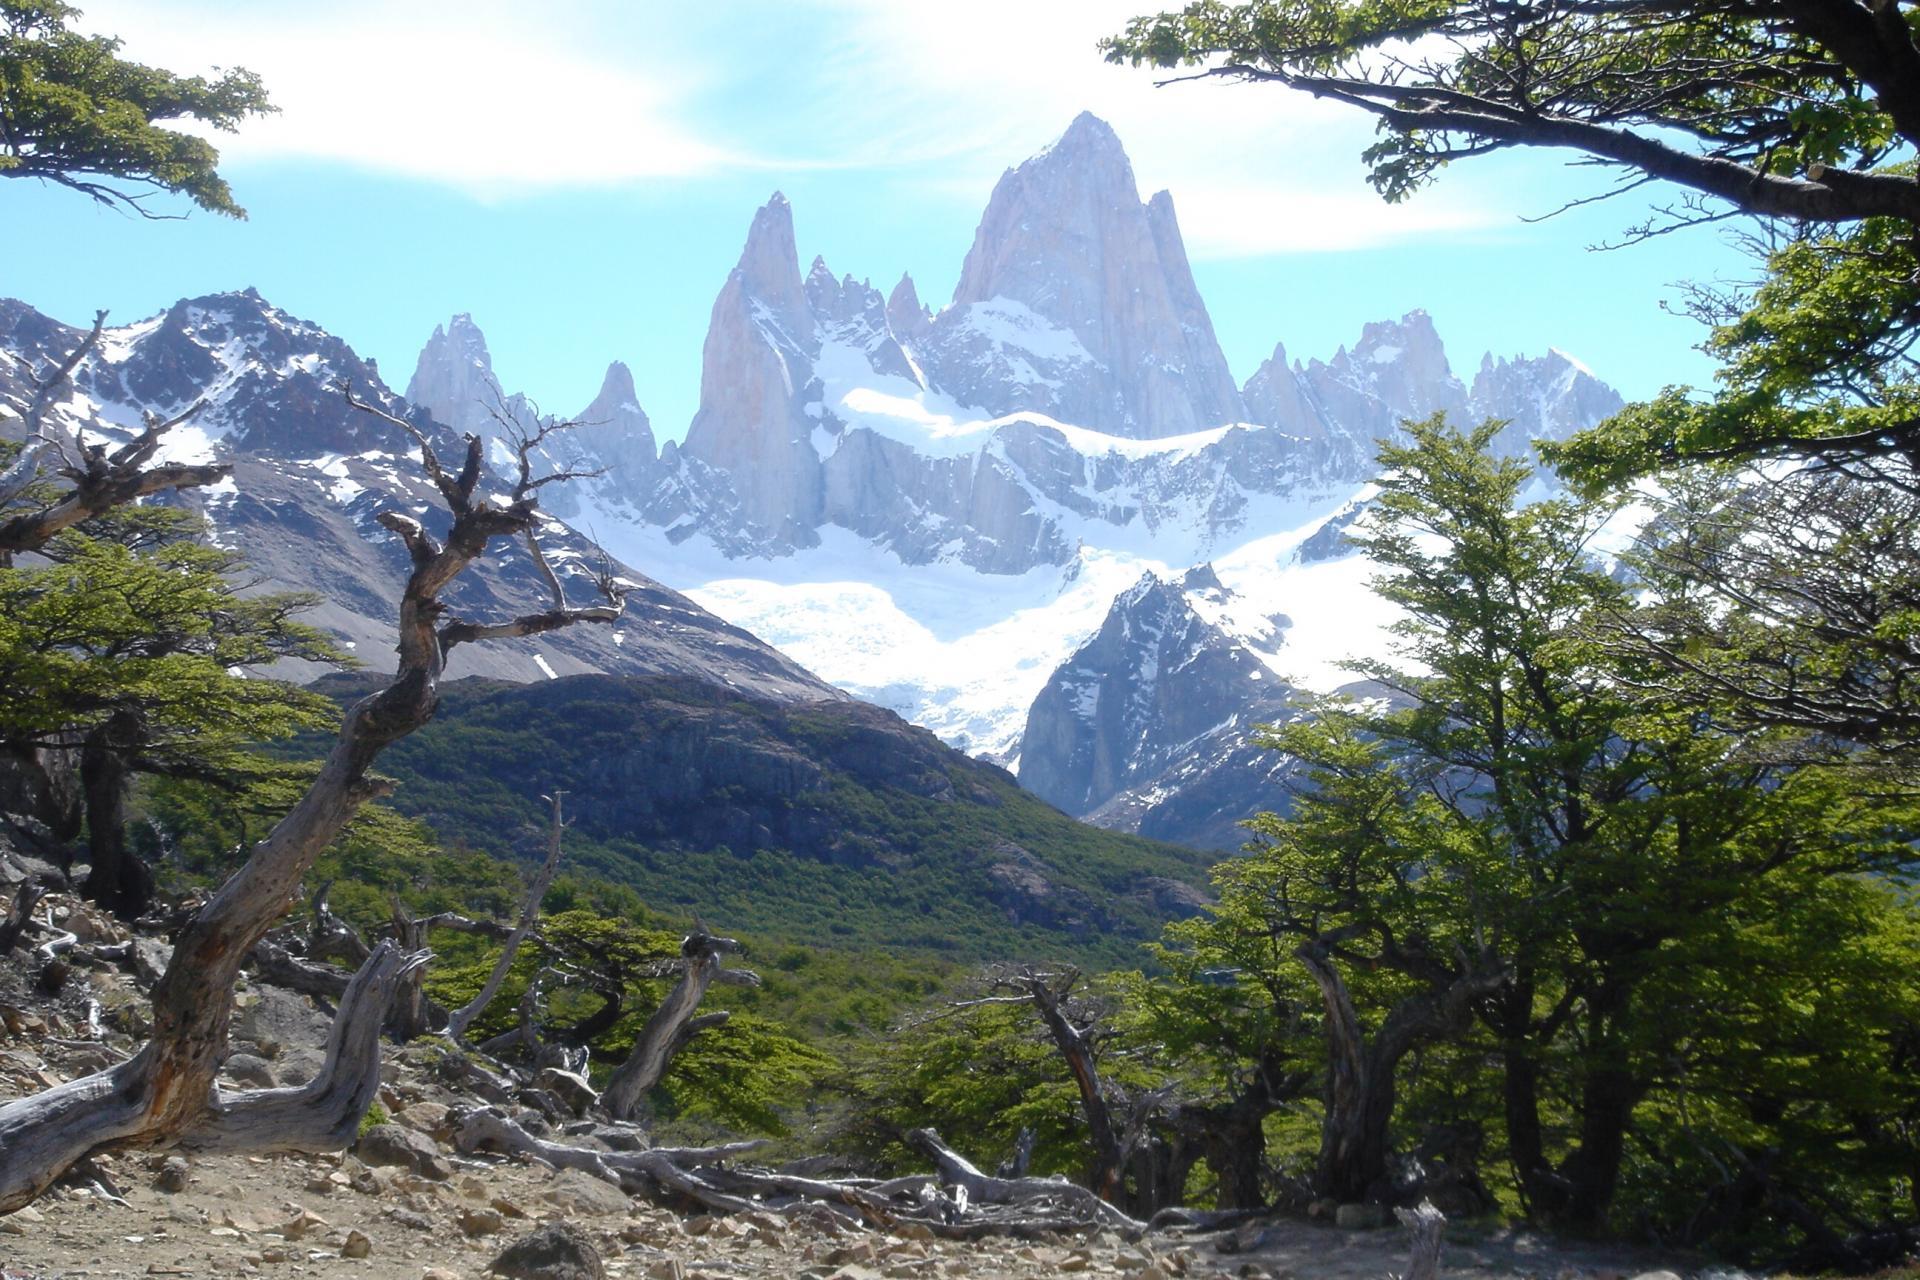 Erleben Sie eine unvergessliche Reise nach Argentinien und Chile und entdecken Sie Patagonien